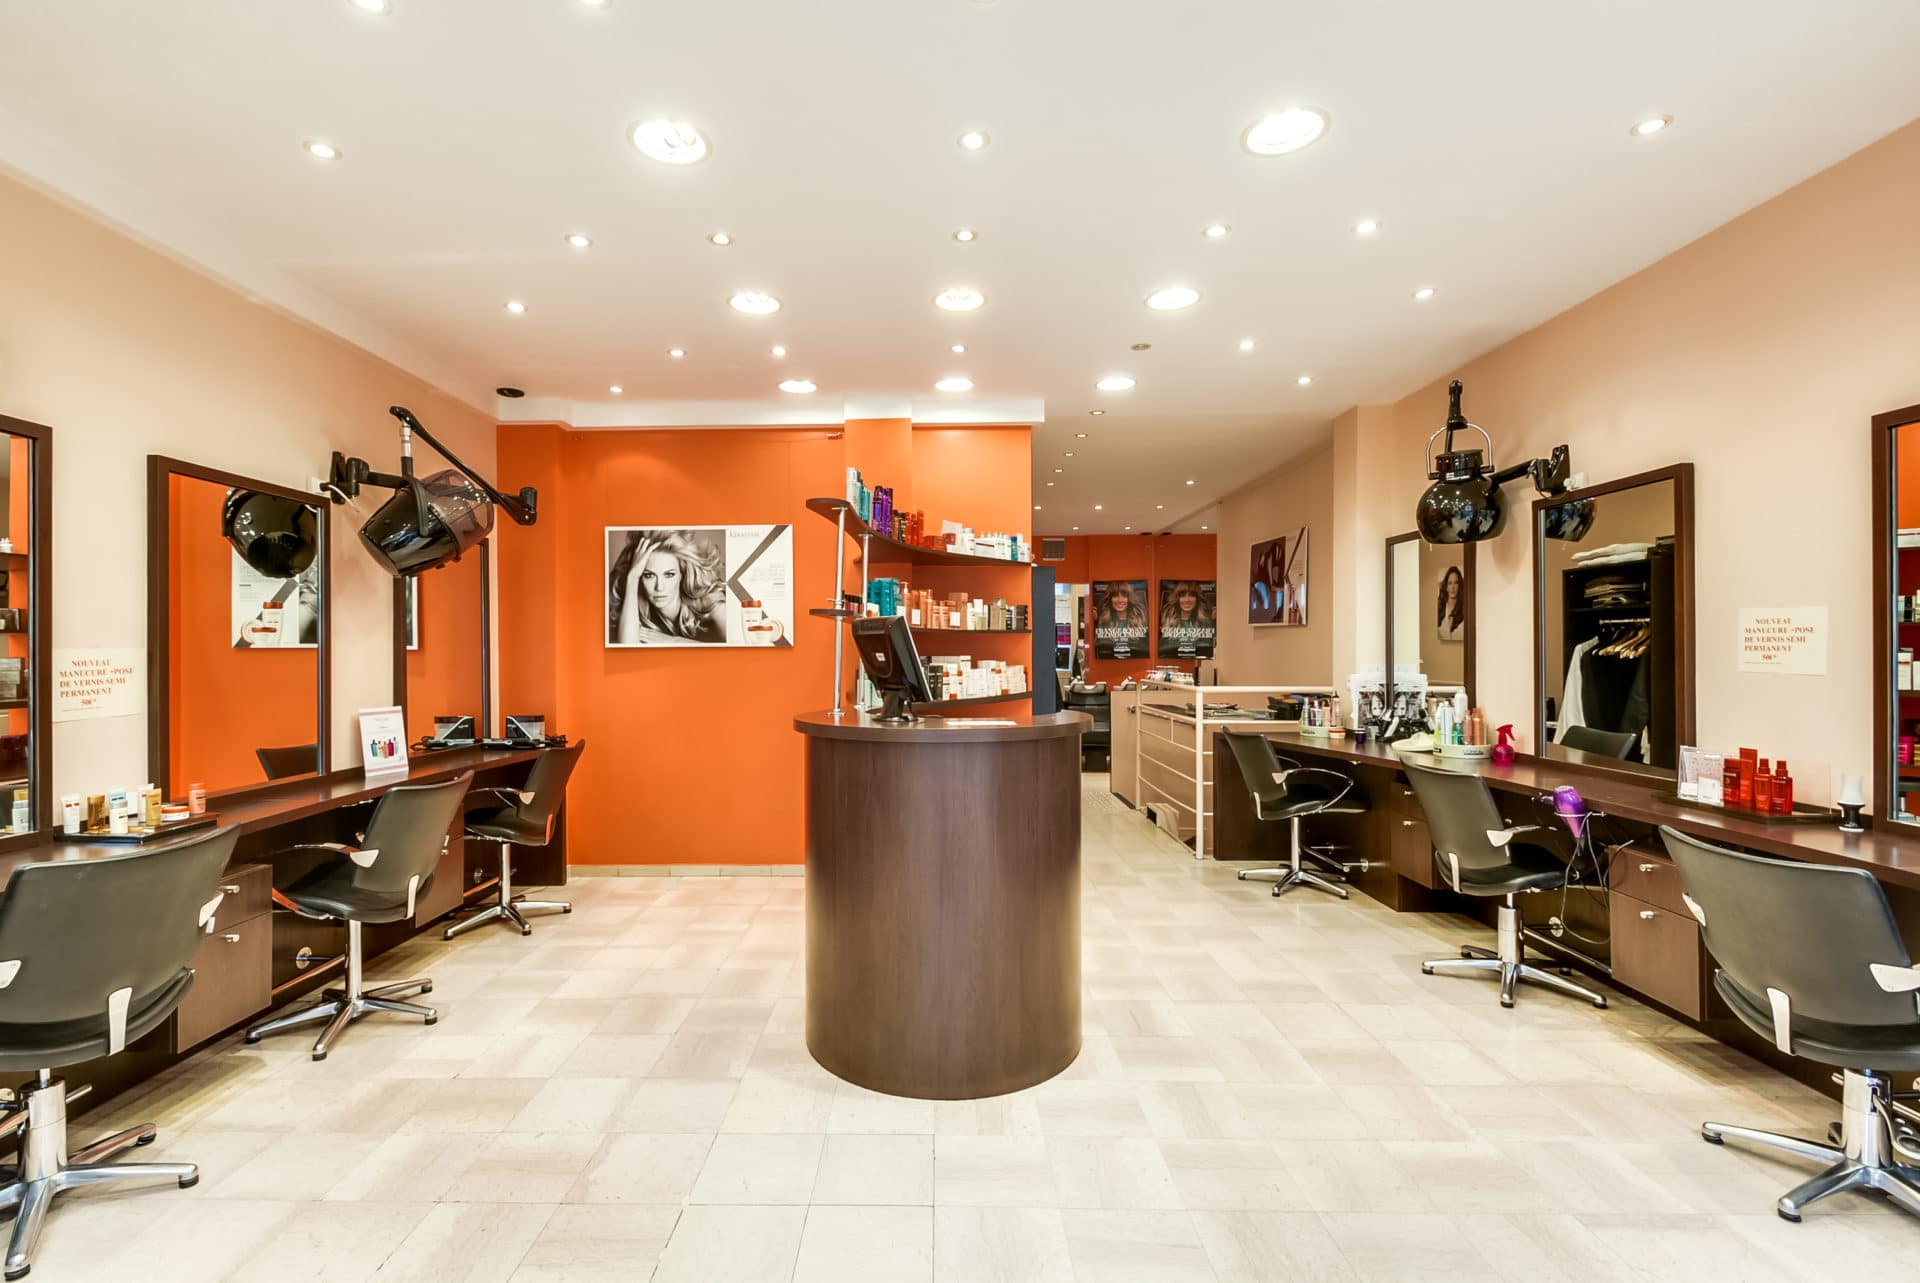 Accessibilité et peps d'un salon de coiffure| Neuilly-sur-seine (92)